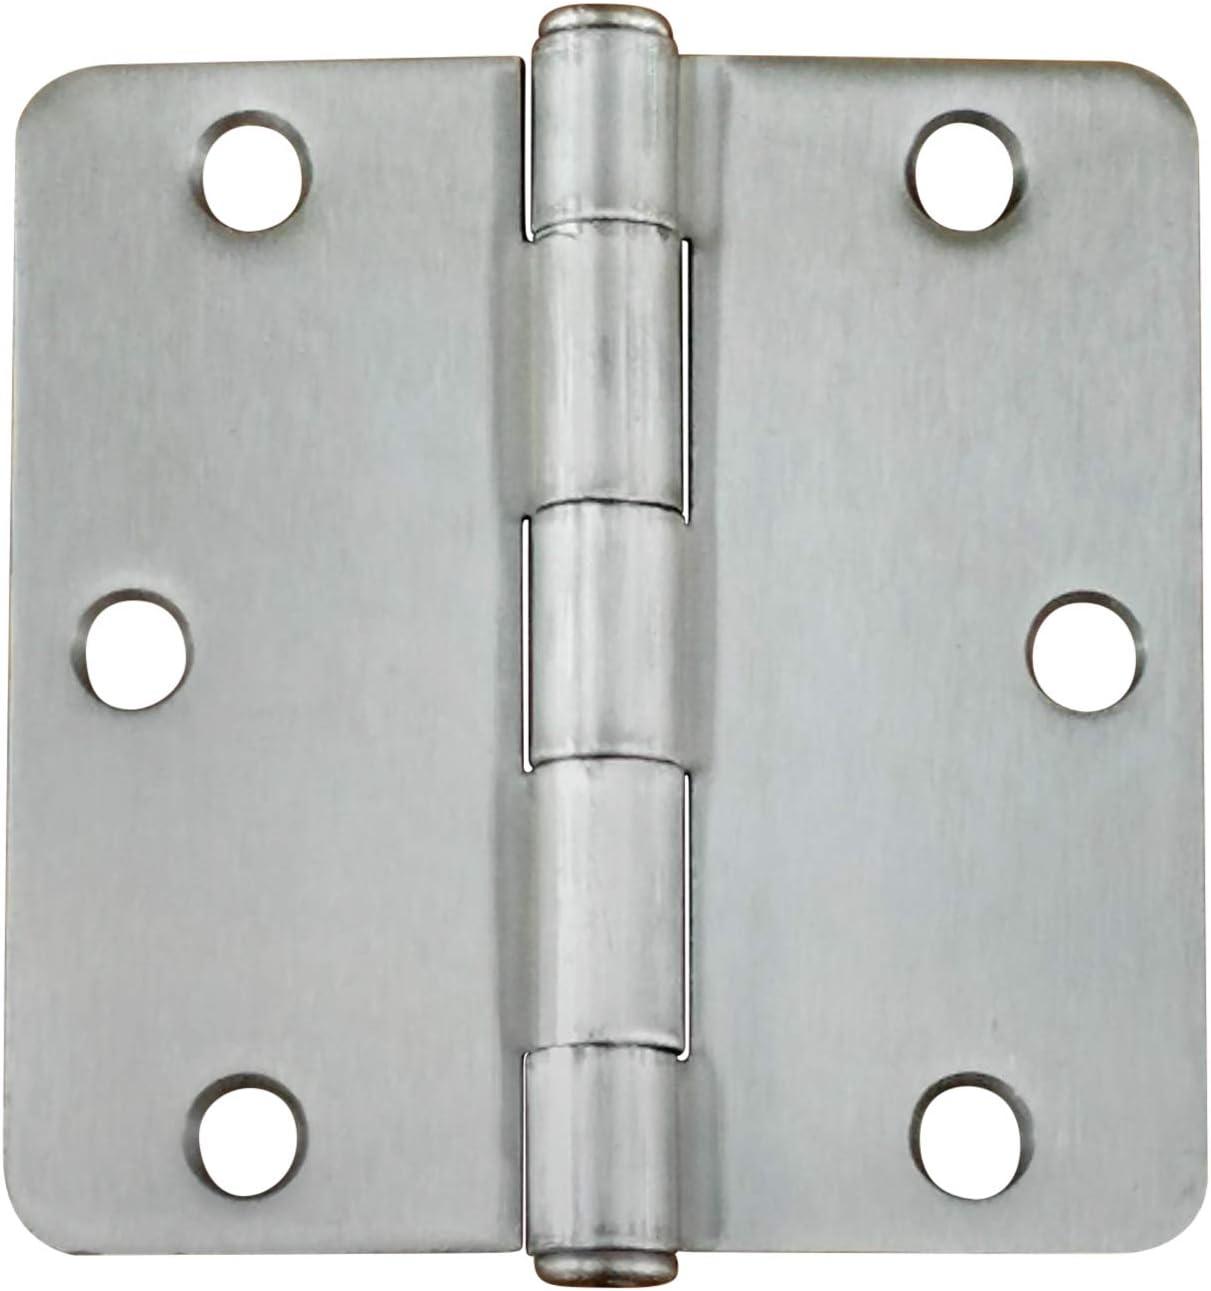 96 Pack Hinge Outlet Satin Nickel Wood Screws 9 X 2 1//4 Inch for Residential Door Hinges